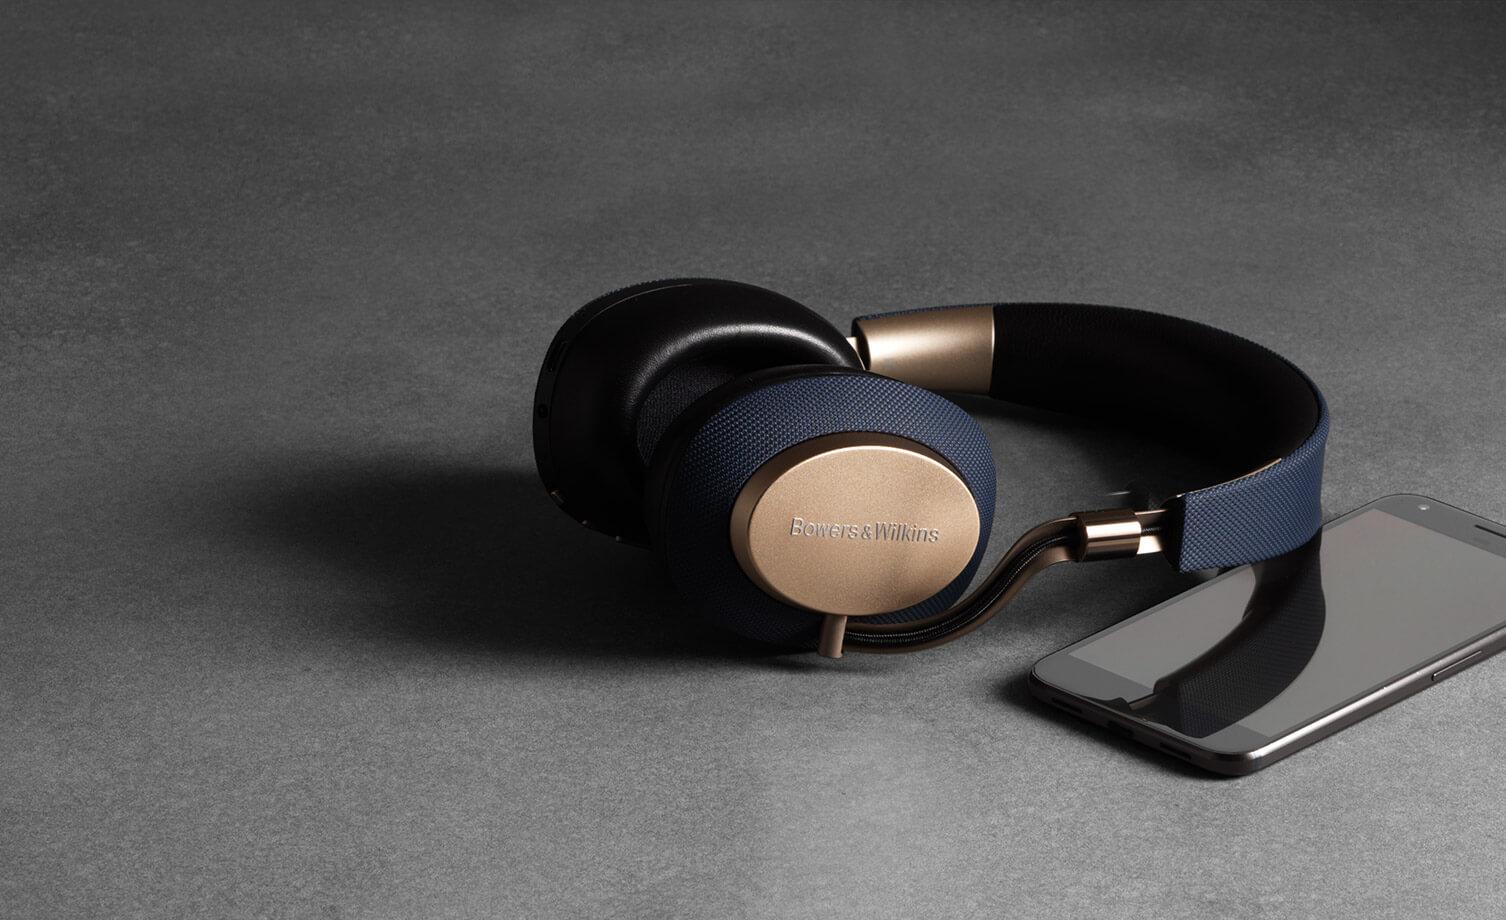 B&W headphones